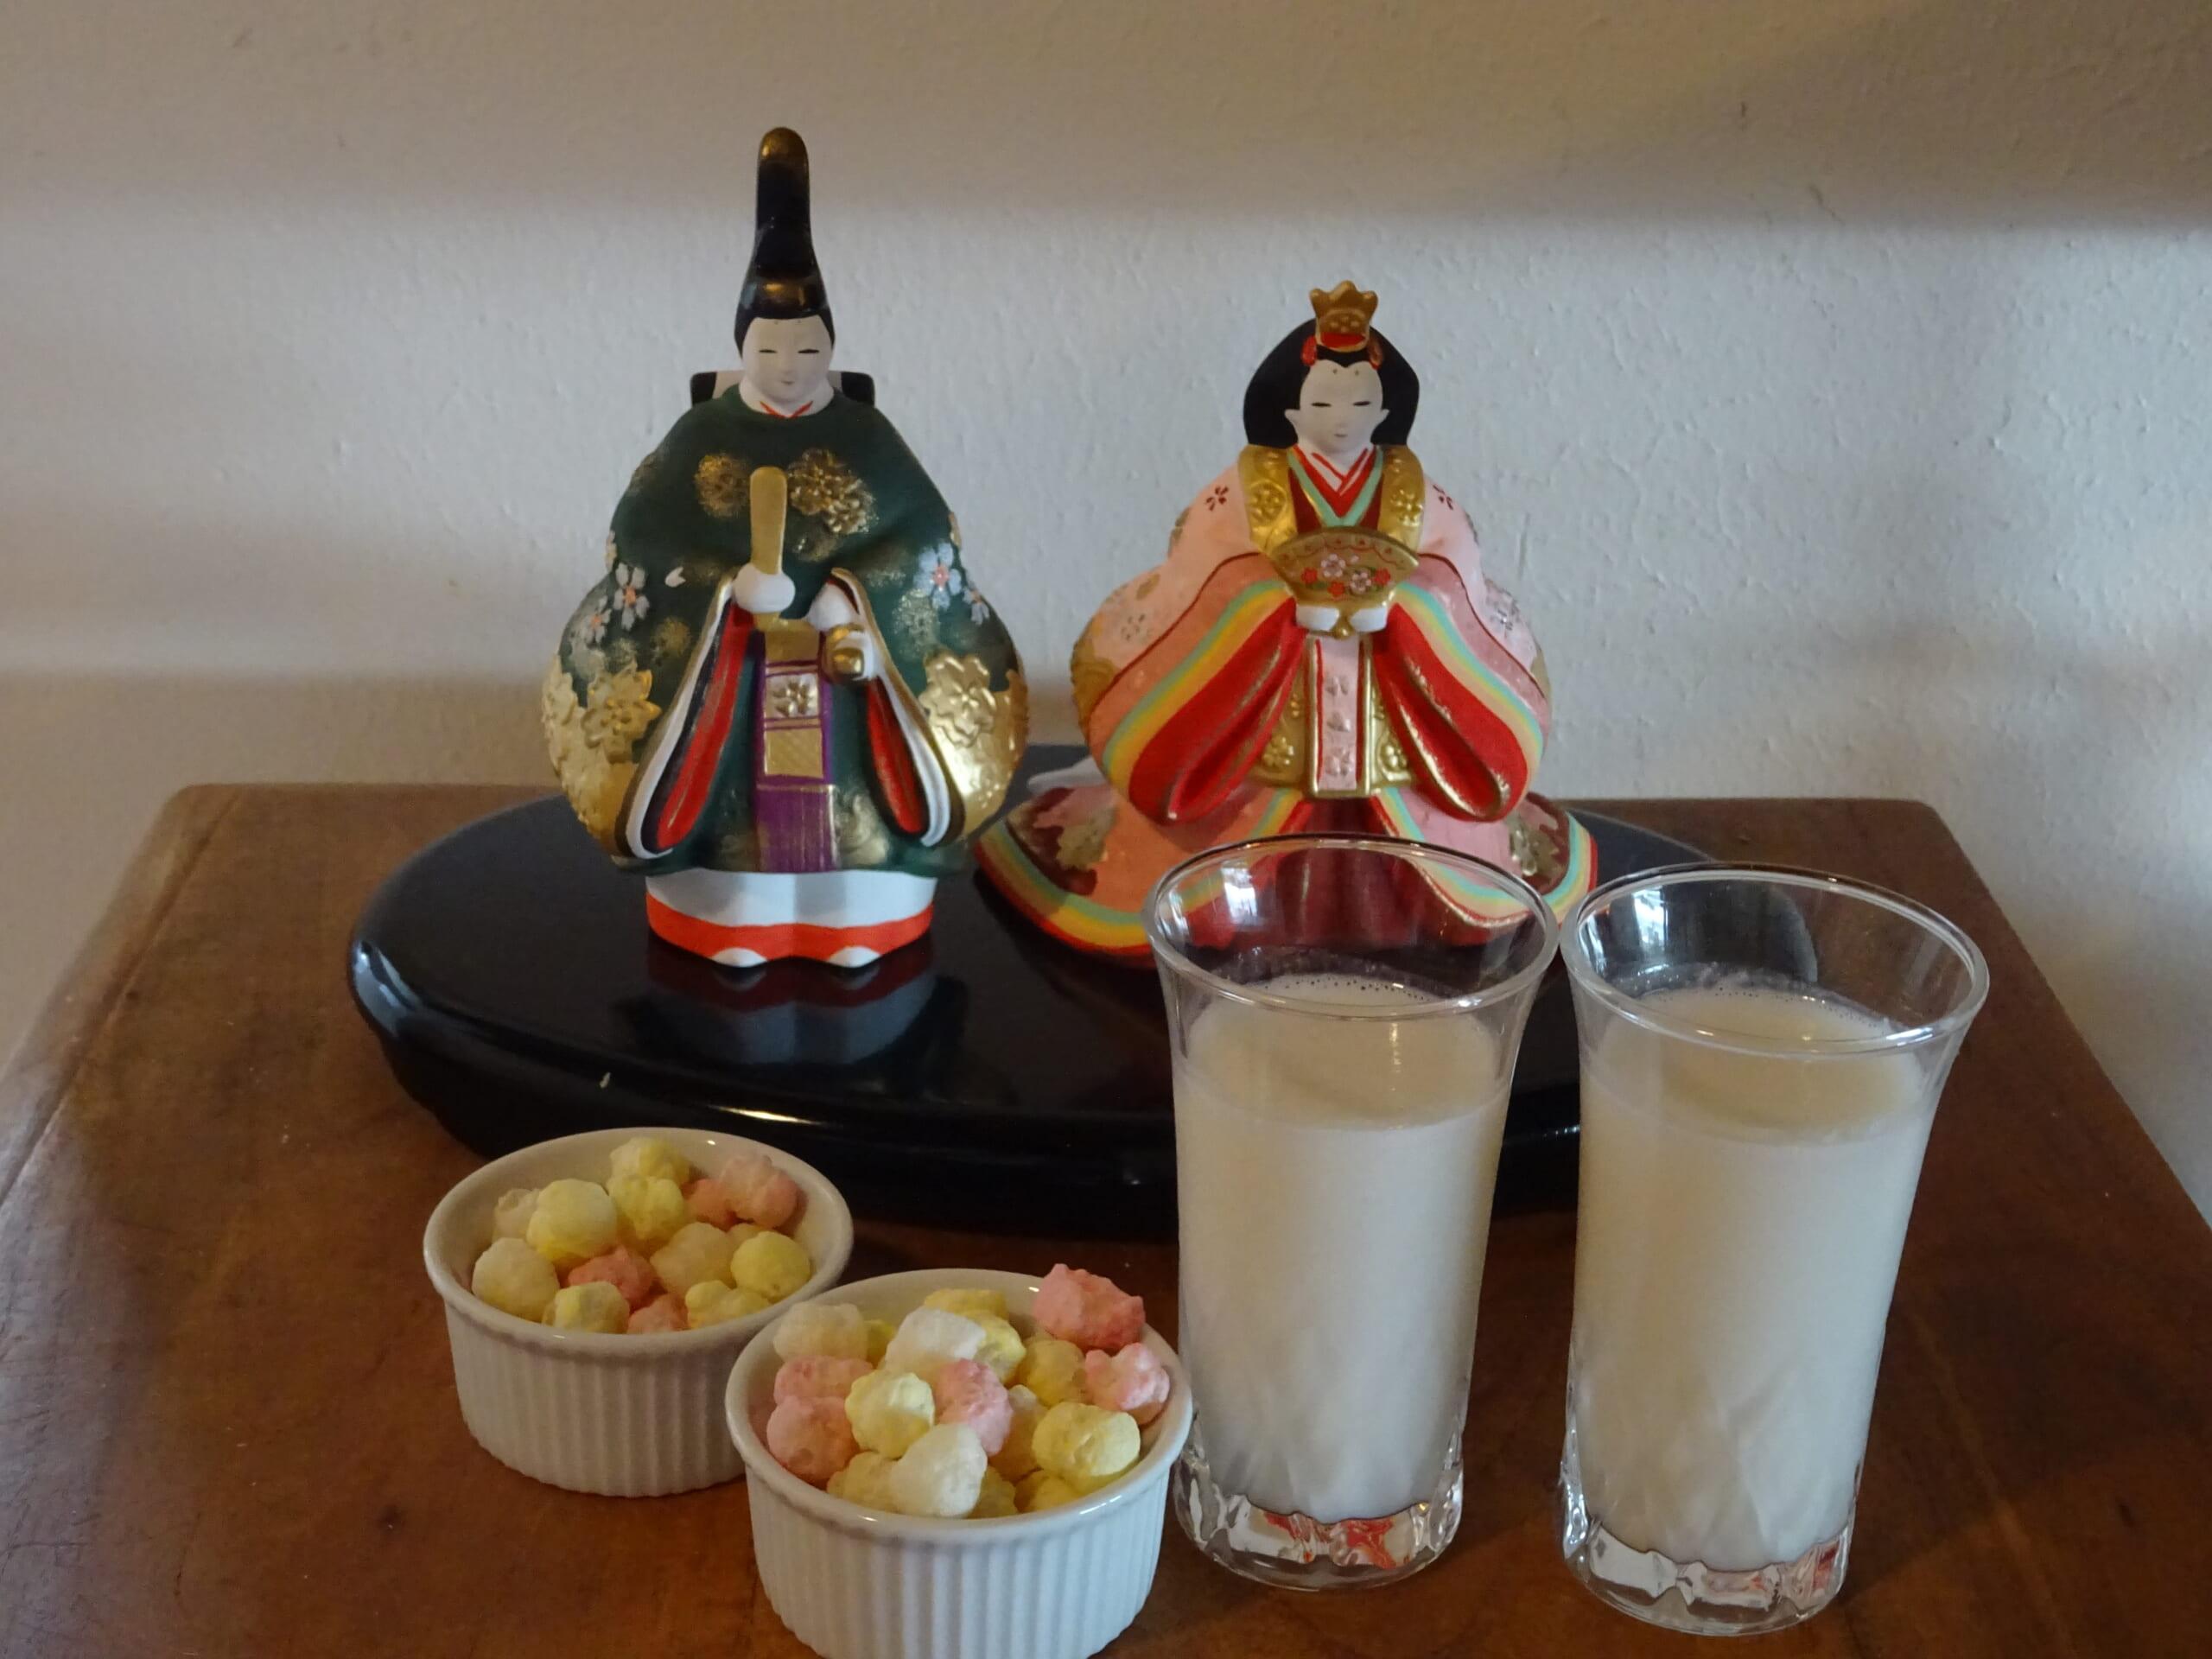 雛人形と甘酒